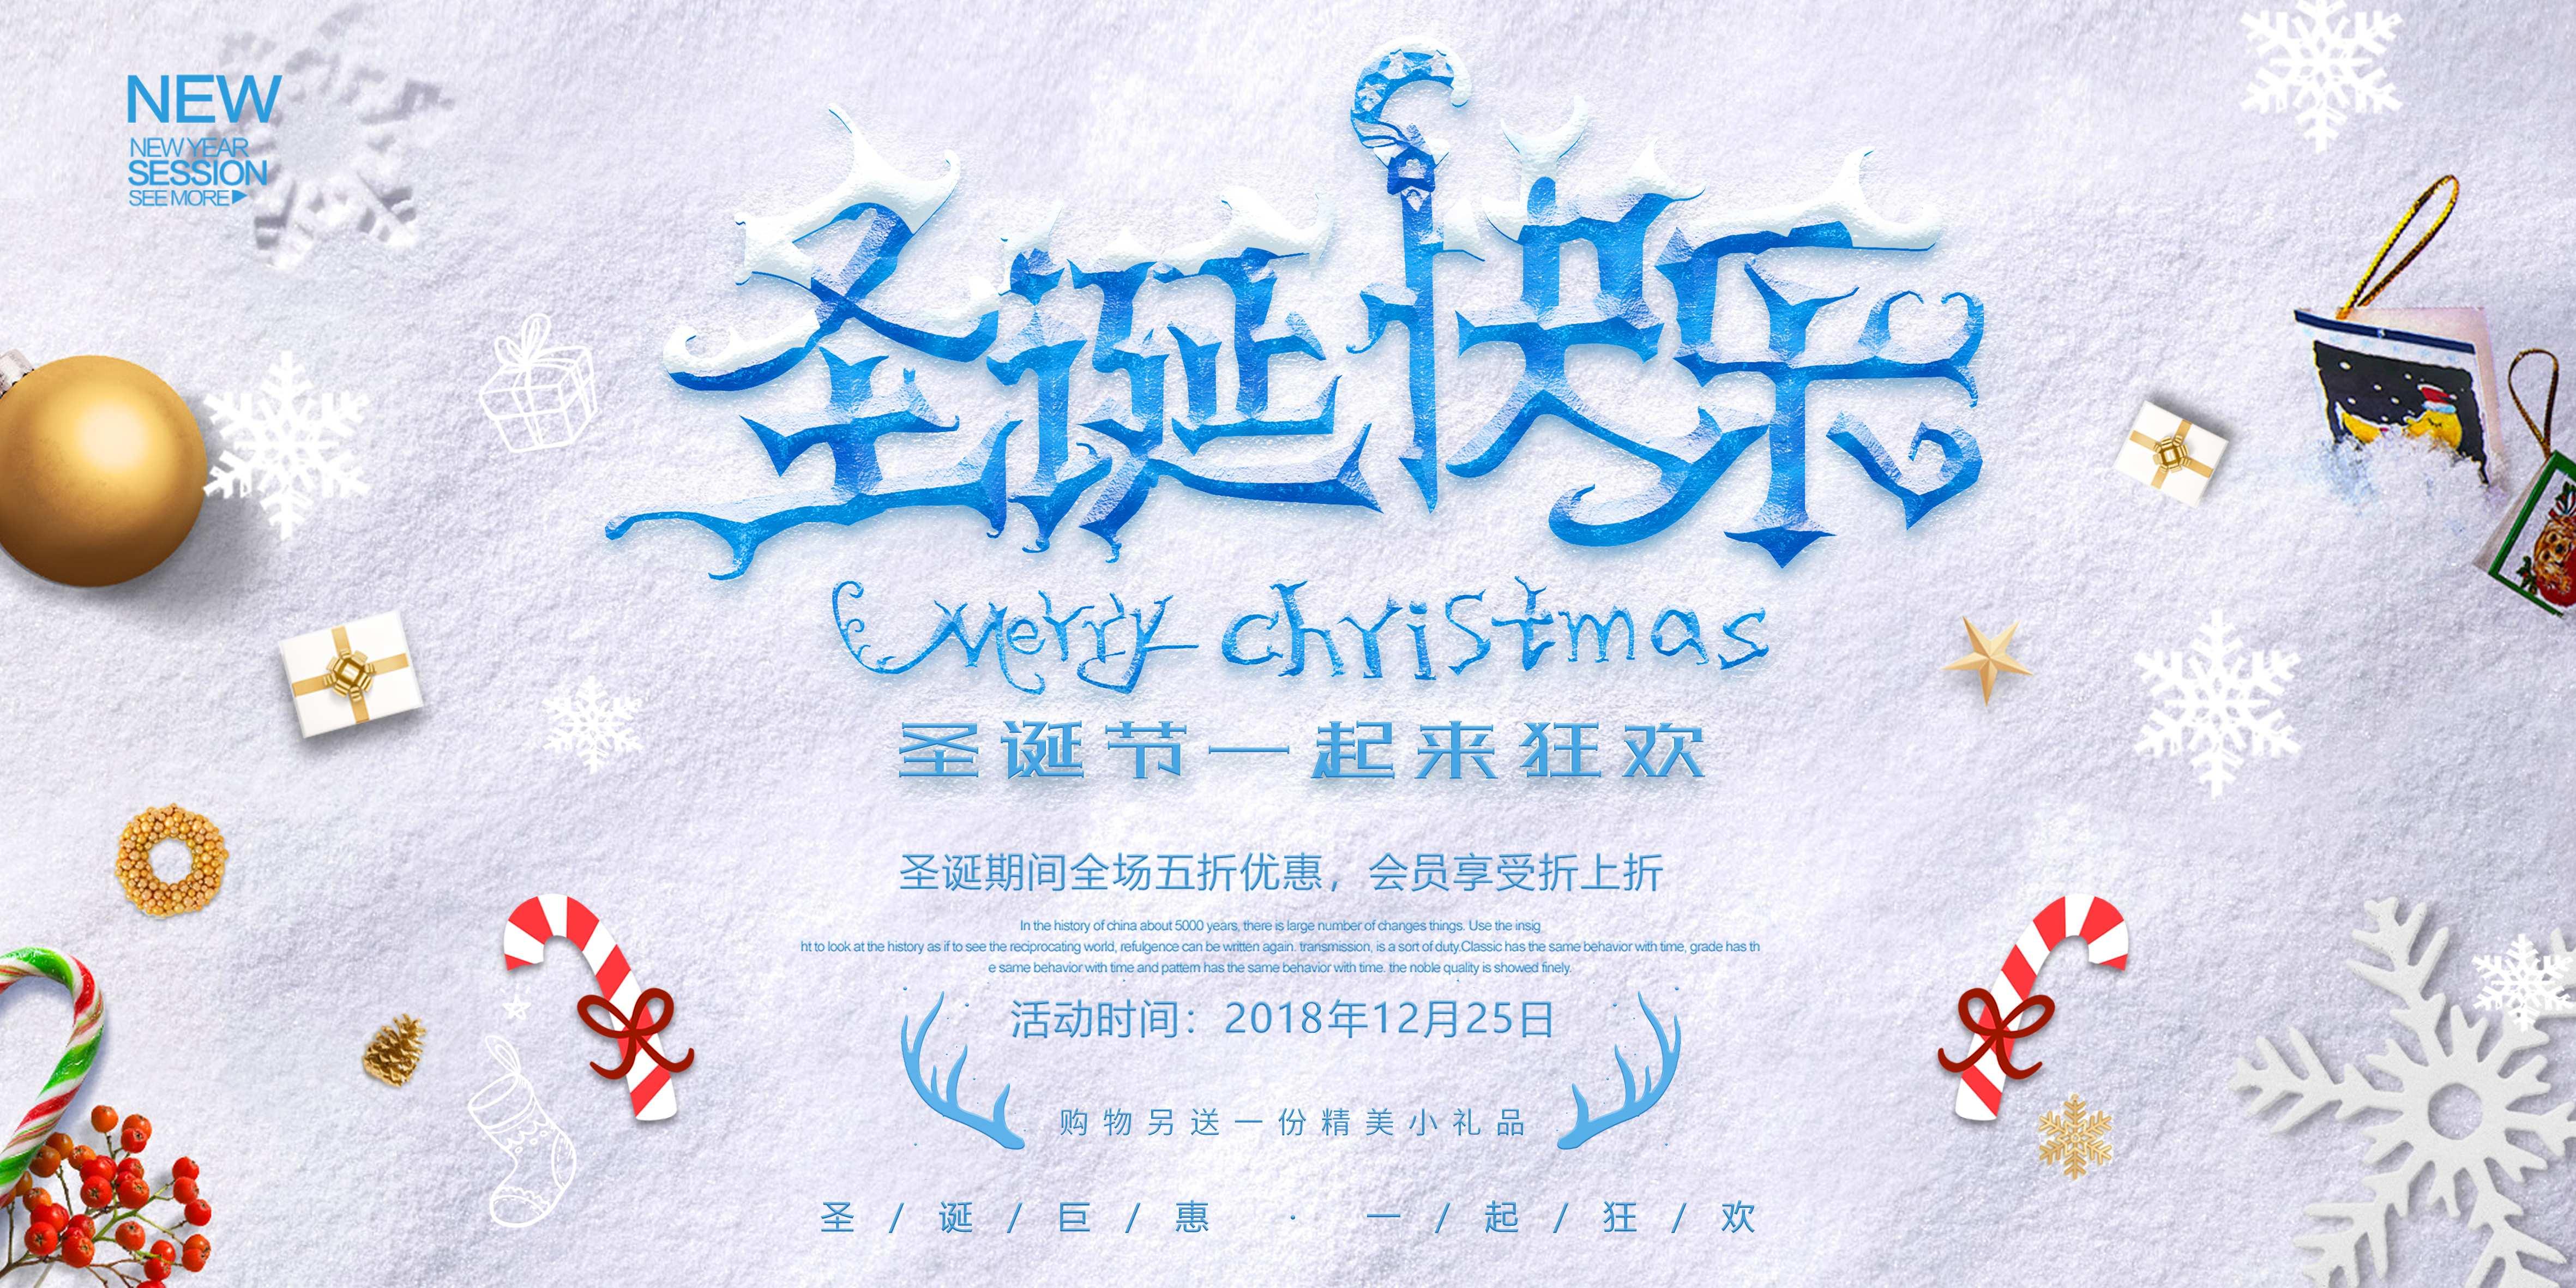 圣诞快乐简约雪地背景展板圣诞元旦christmas